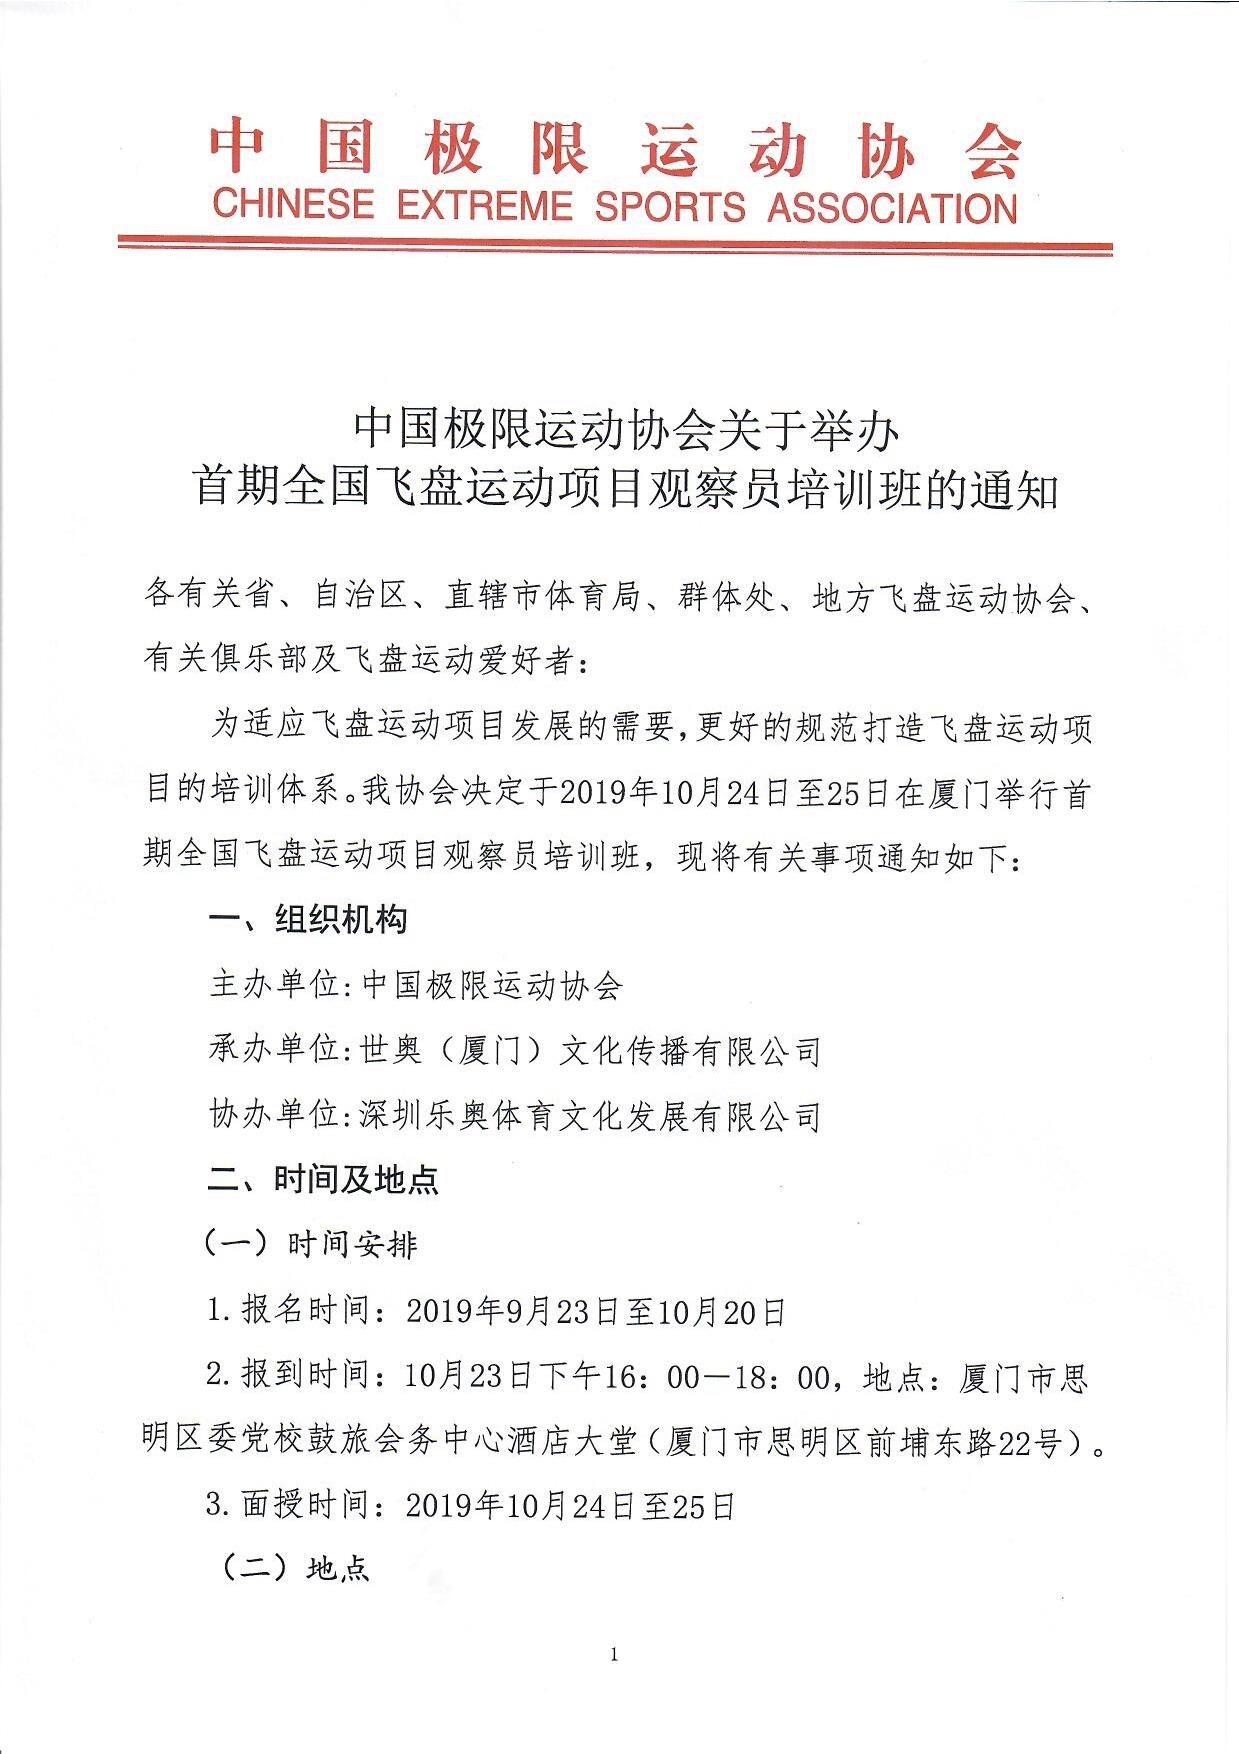 关于中国极限运动协会举办首期全国飞盘观察员及赛事执行官培训班的通知1